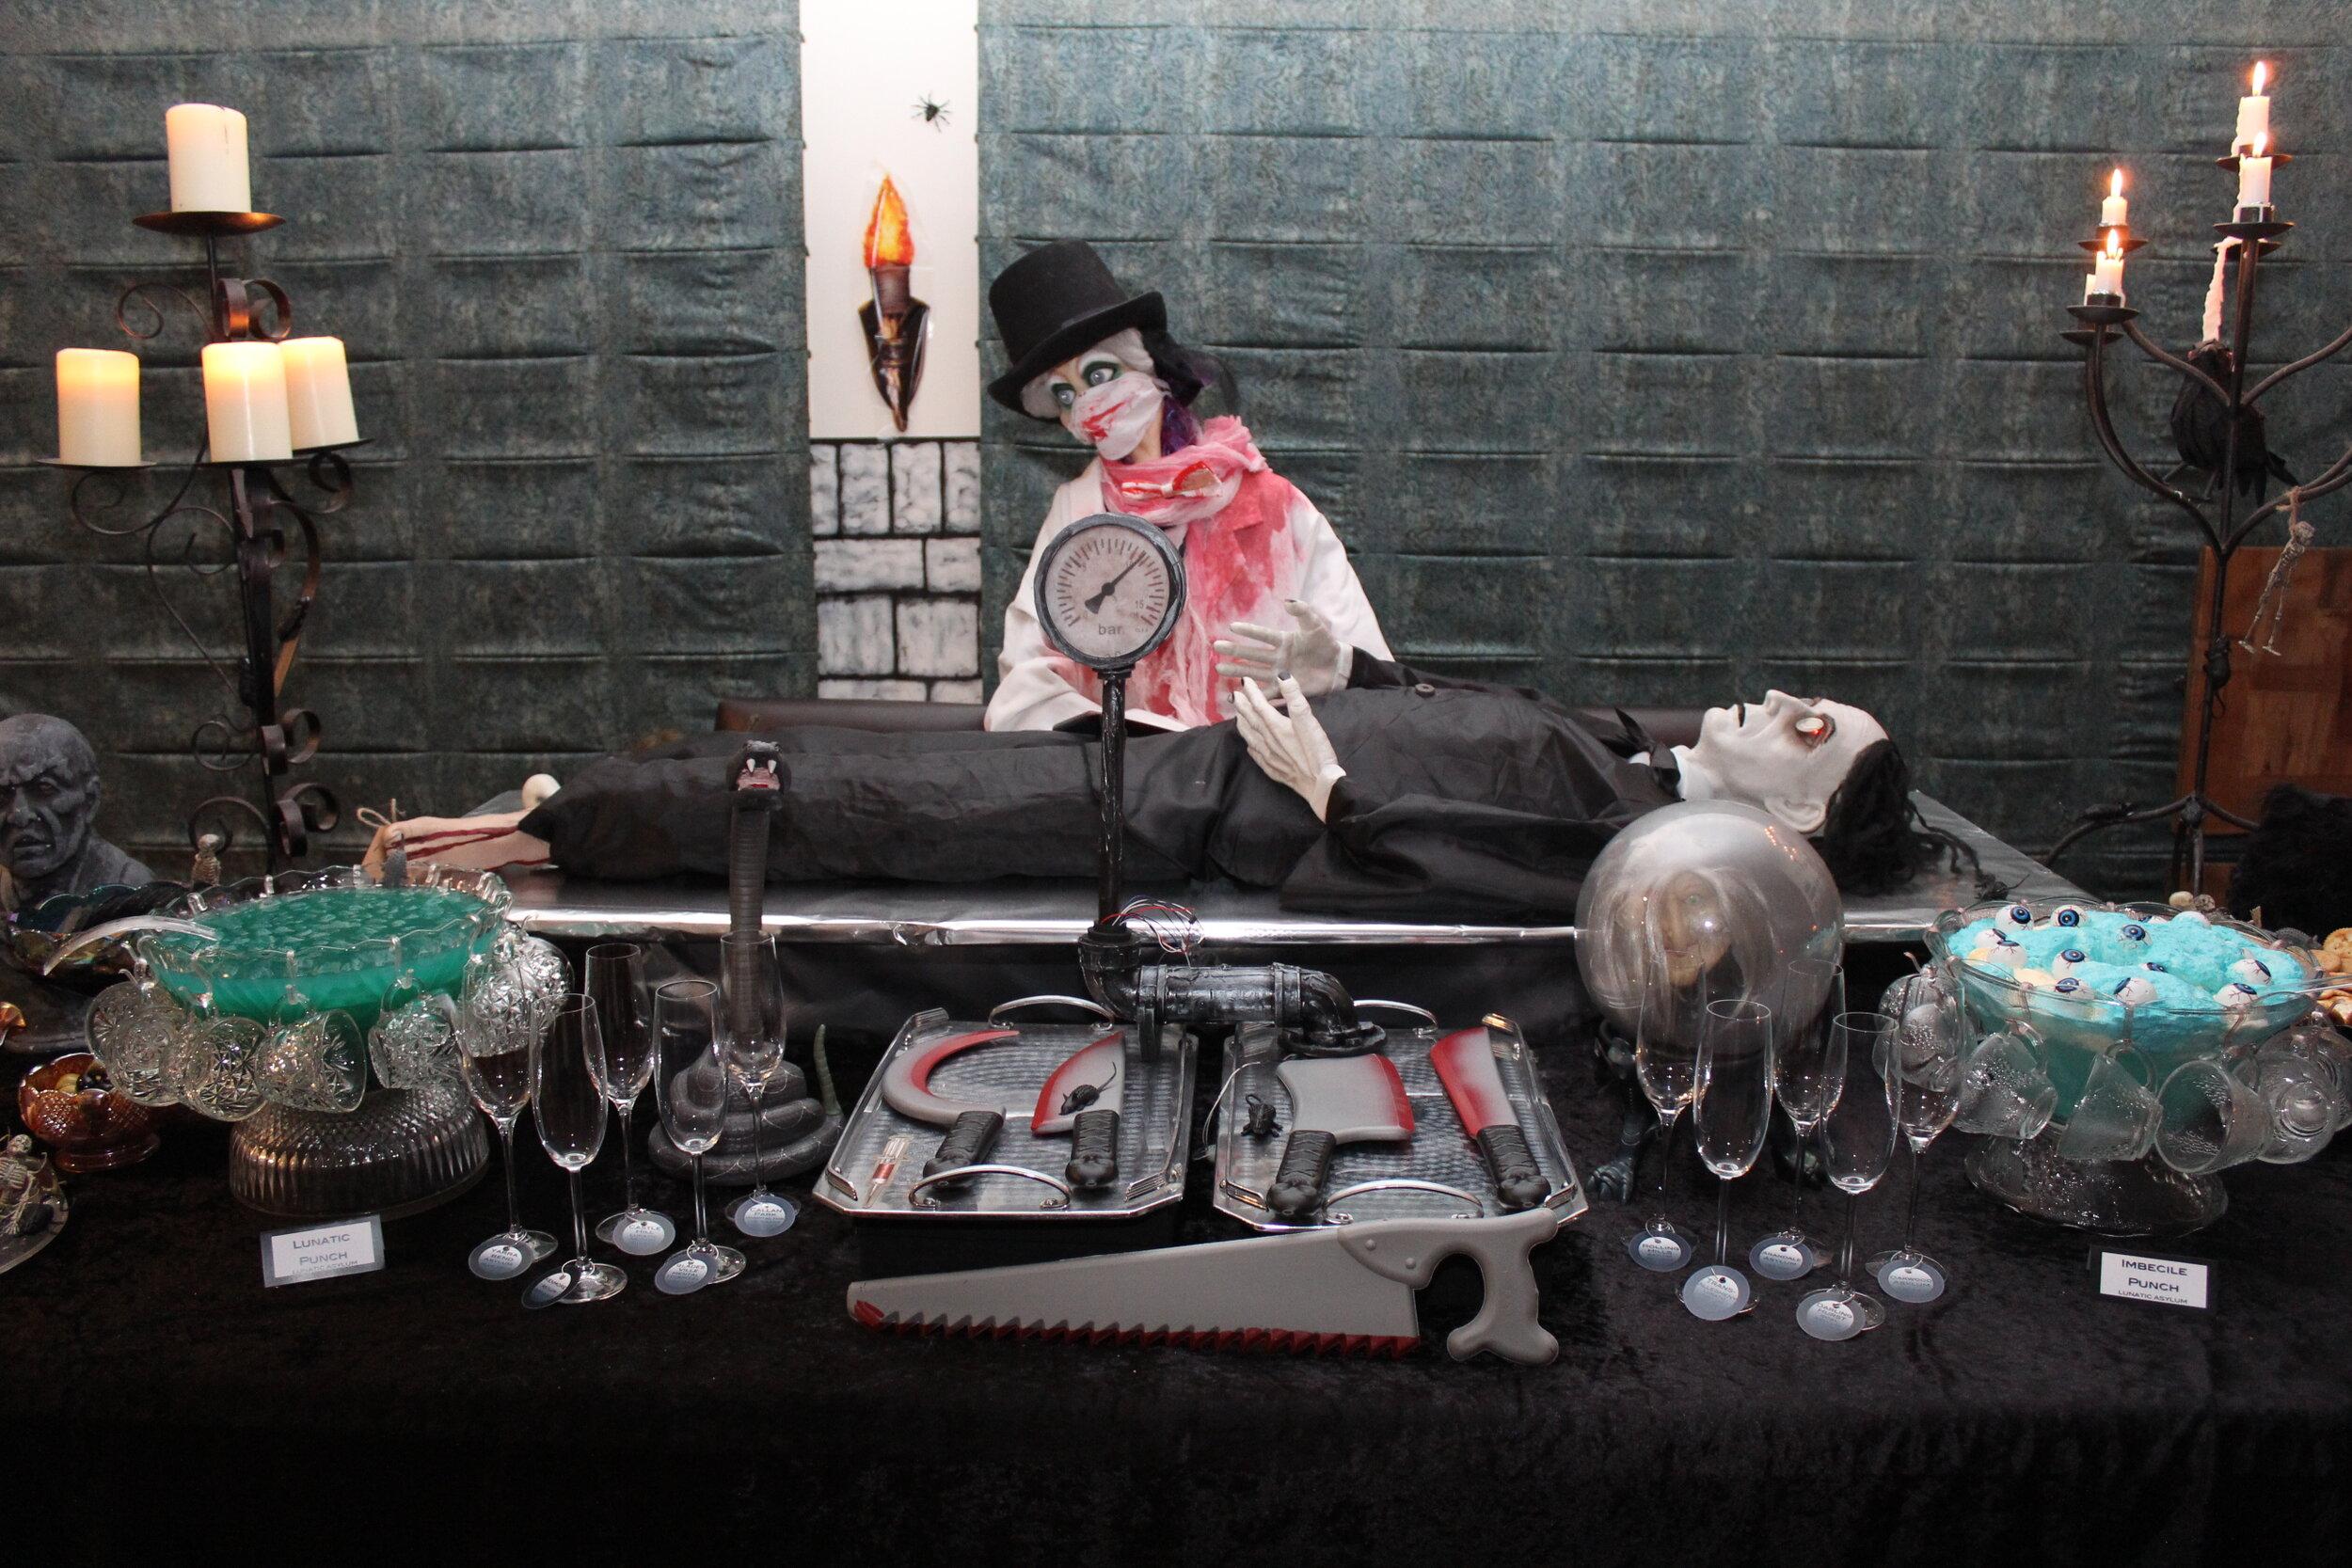 Asylum Halloween party